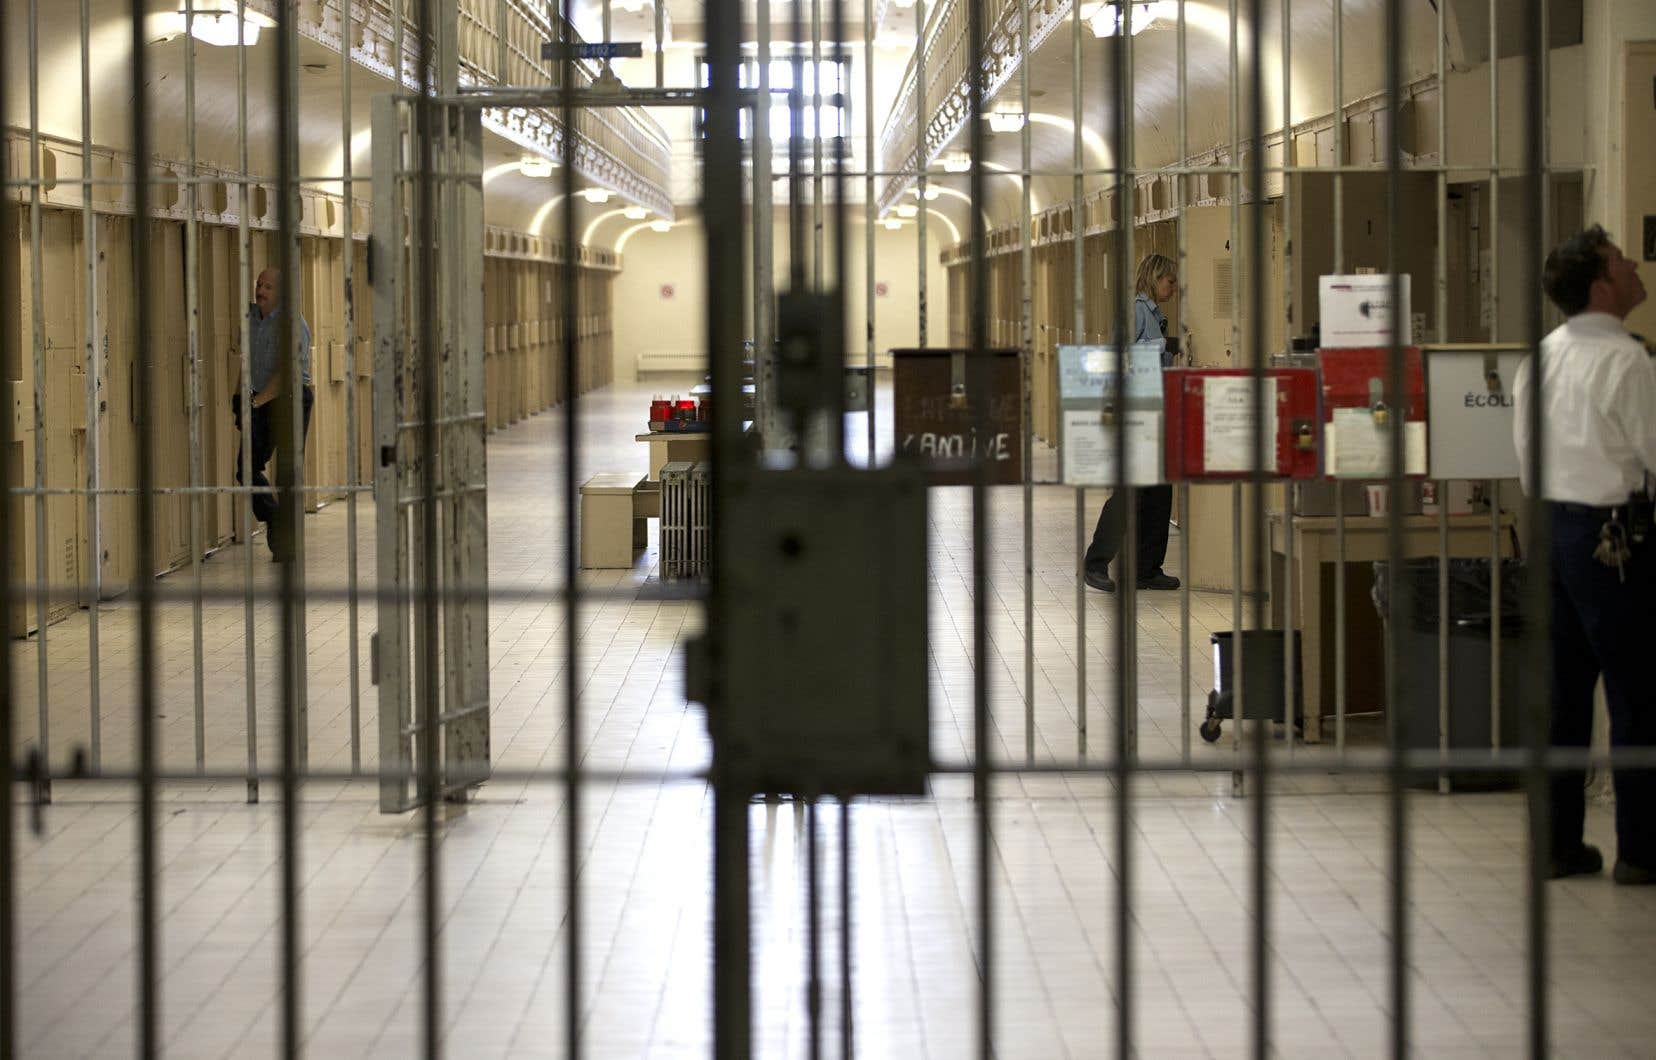 Bien qu'il reconnaisse que l'éclosion du coronavirus dans les prisons doit être considérée, le juge Cournoyer estime qu'elle constitue «rarement un facteur déterminant, à lui seul», lors d'une demande de remise en liberté.